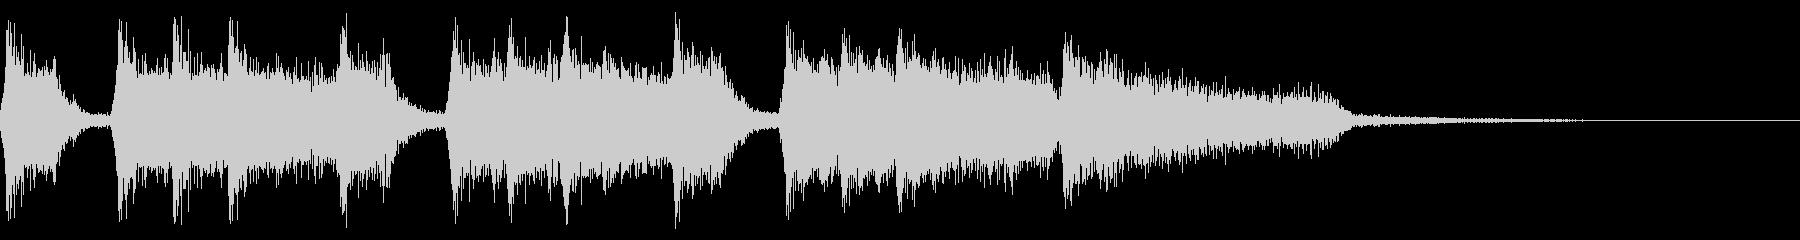 低めのレトロ音のファンファーレ 8bitの未再生の波形